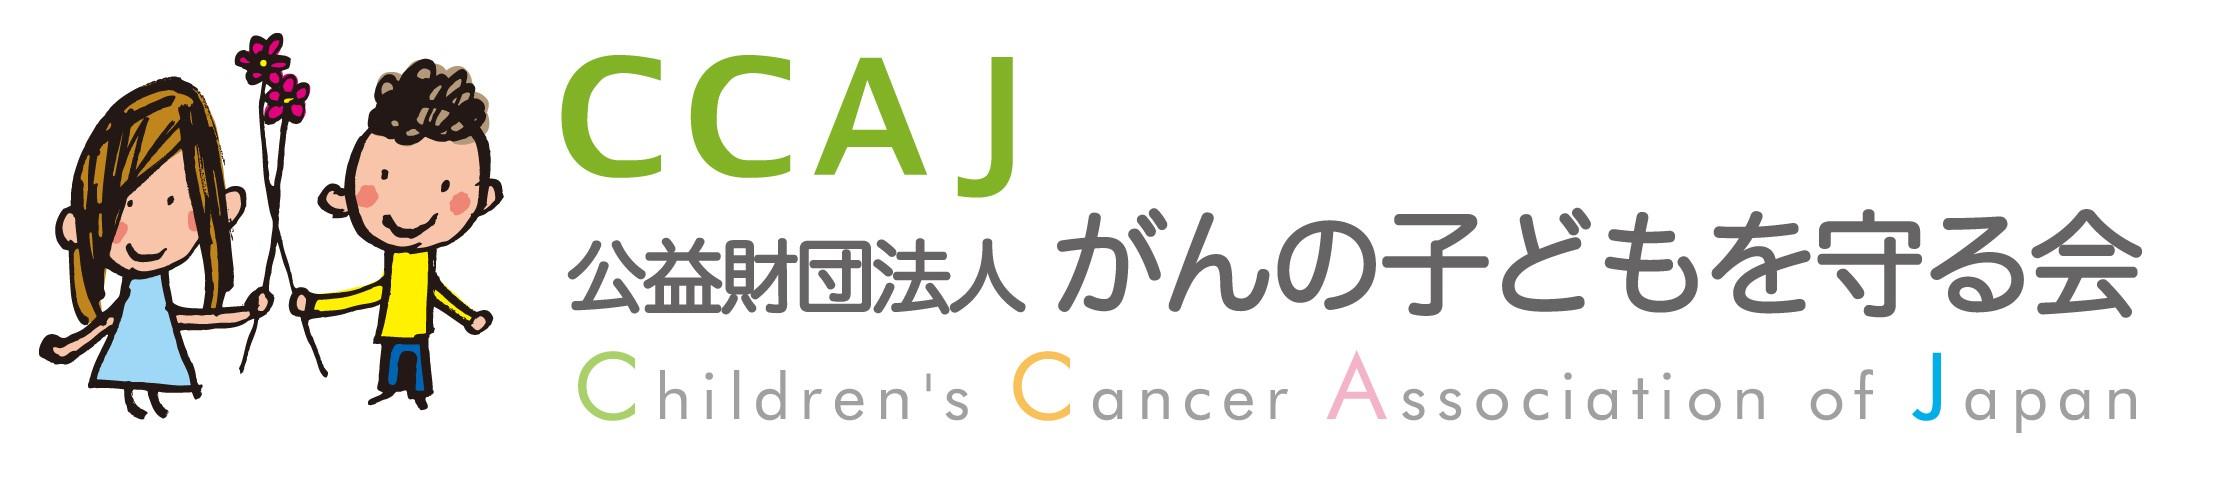 公益財団法人がんの子どもを守る会   寄付受付   寄付サイト 公益財団法人お金をまわそう基金